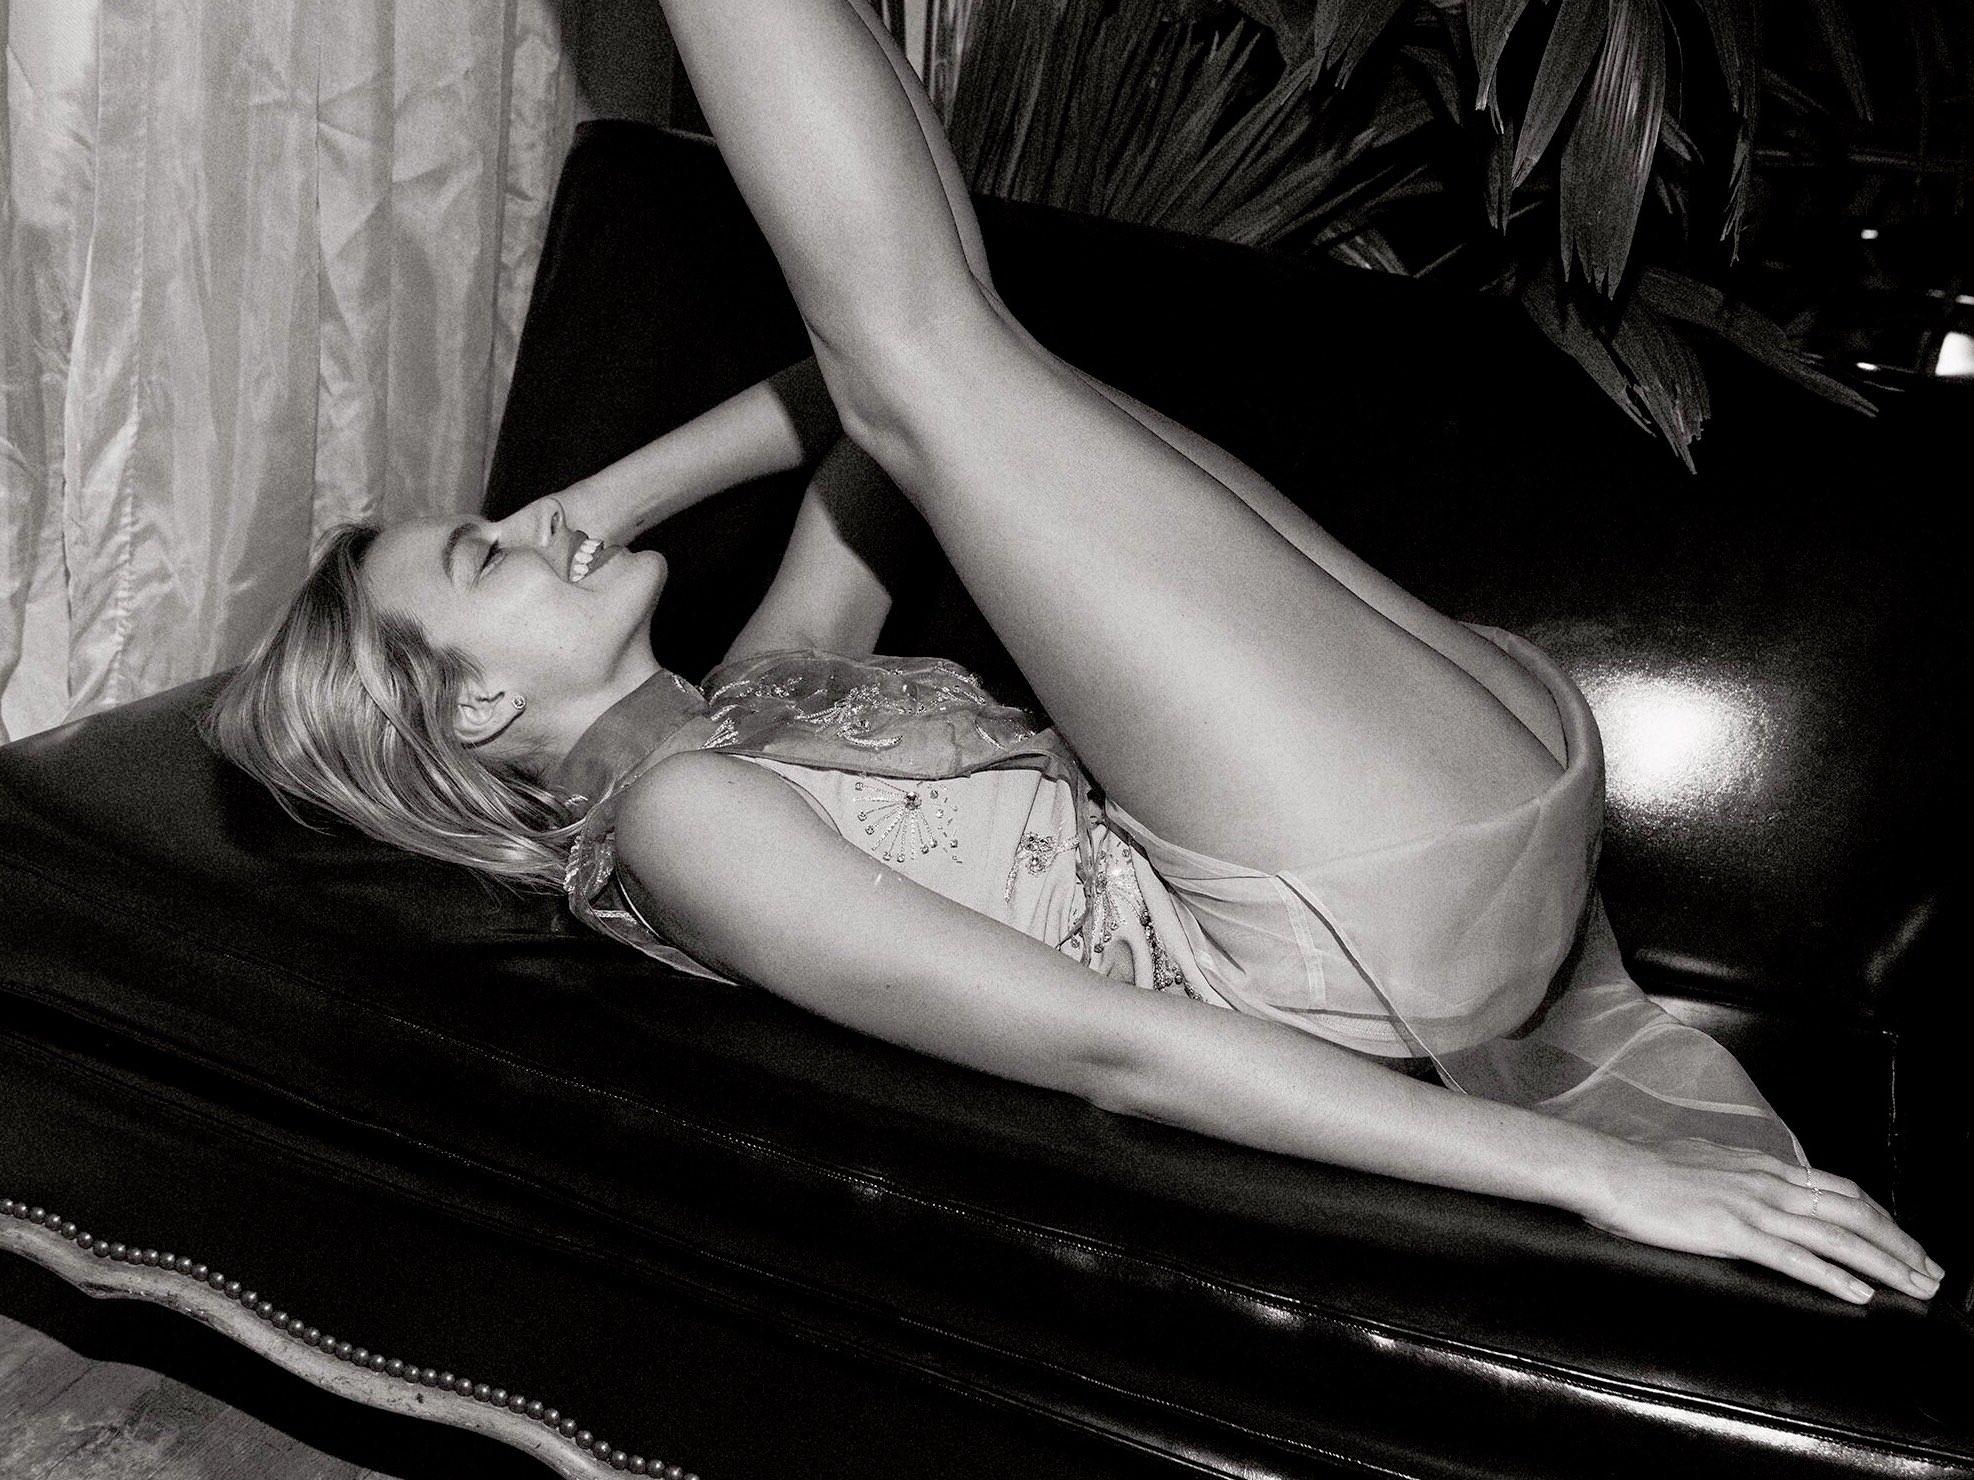 porno de Margot Robbie